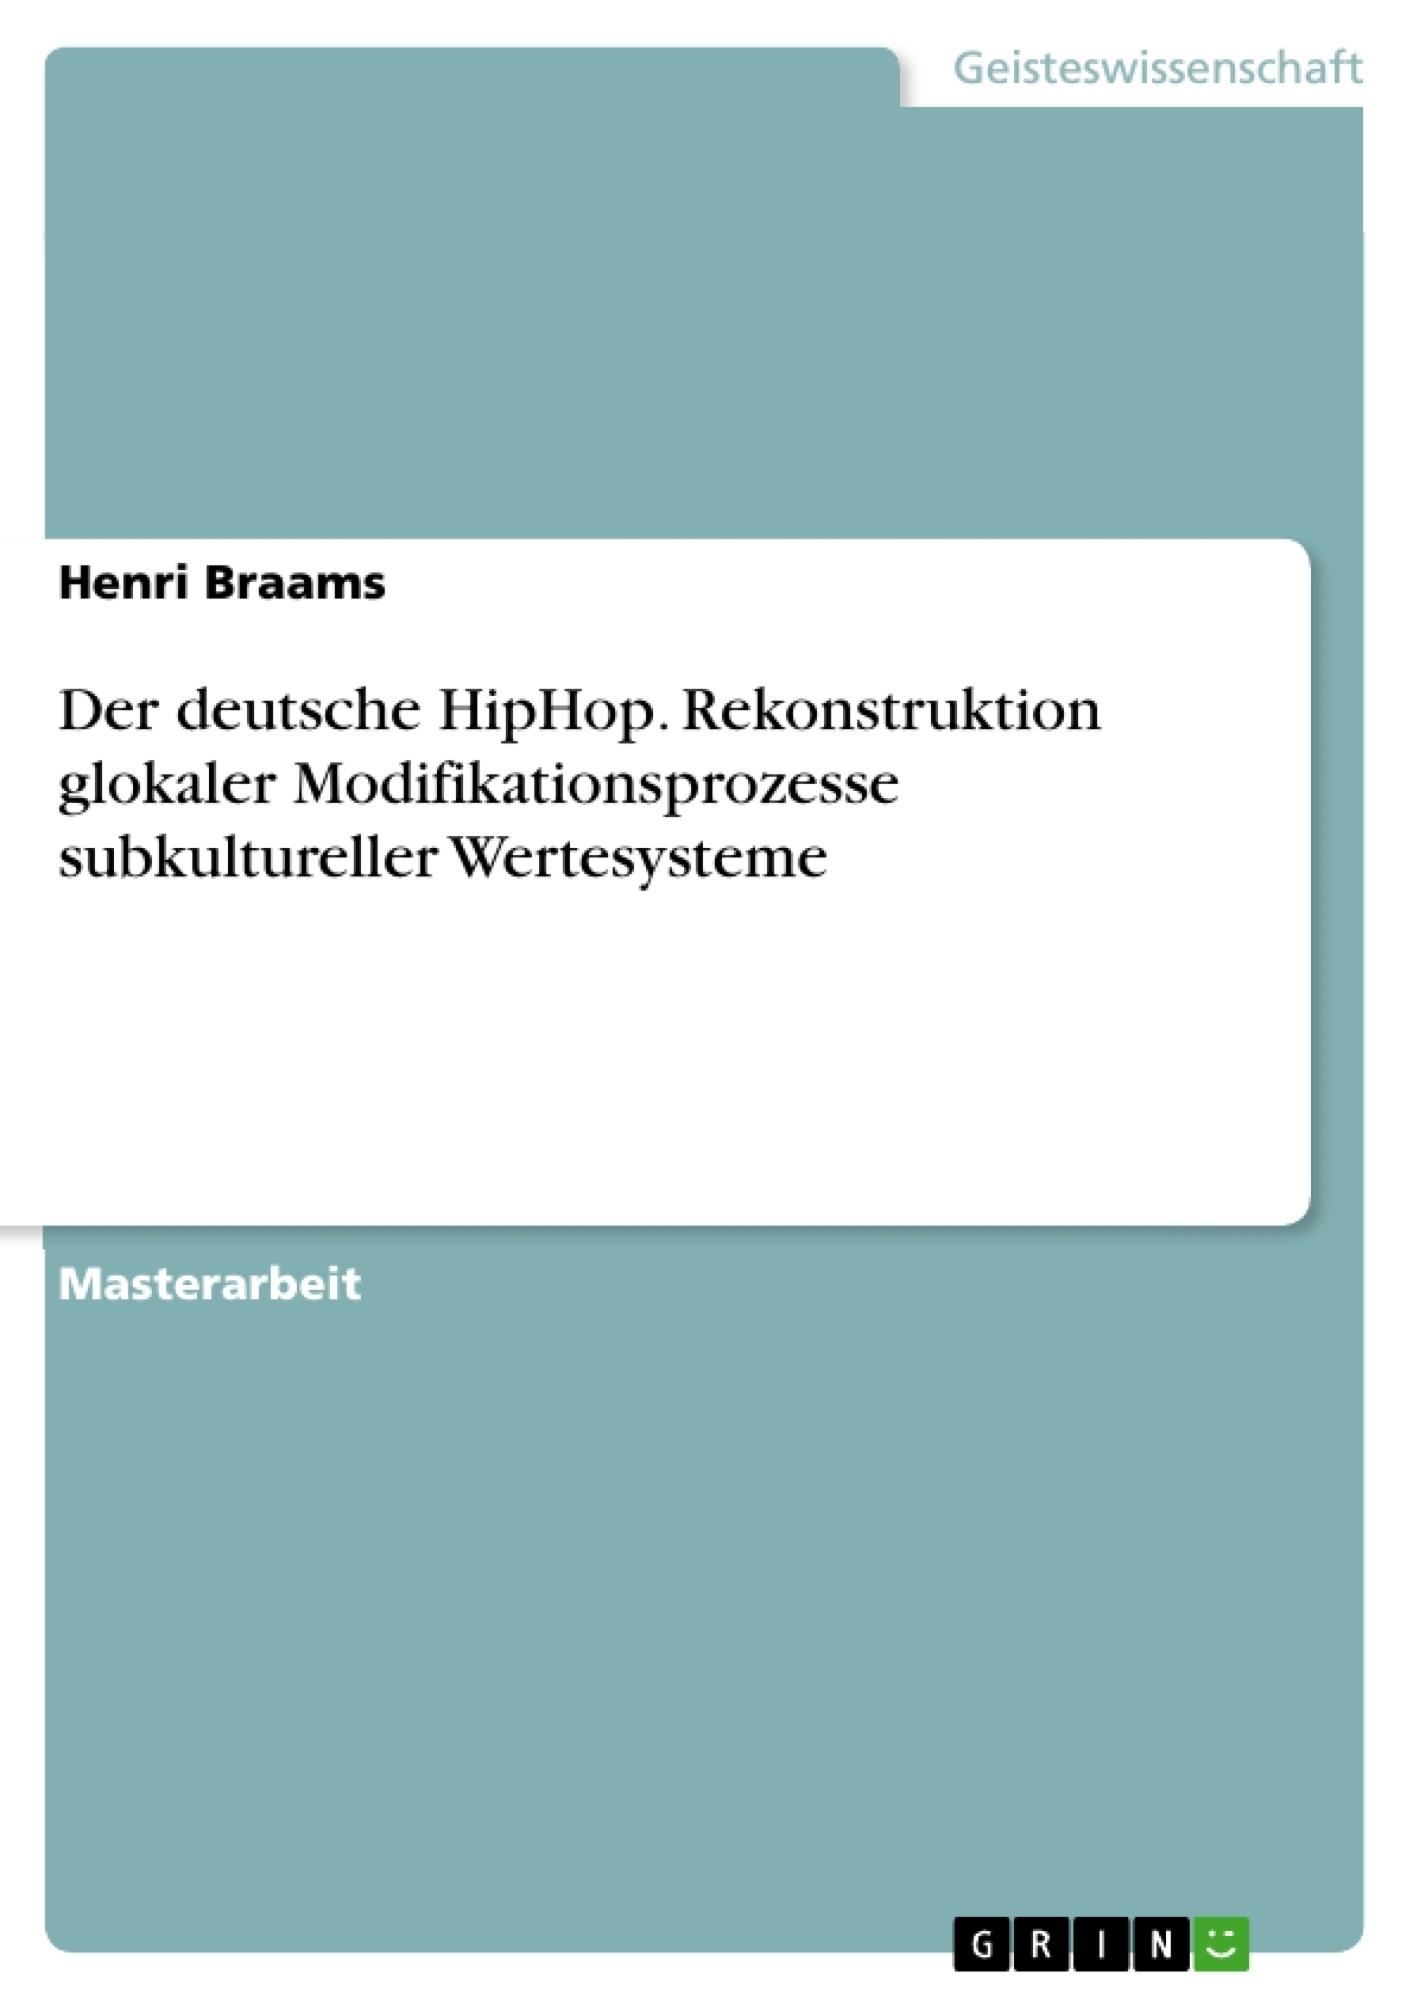 Titel: Der deutsche HipHop. Rekonstruktion glokaler Modifikationsprozesse subkultureller Wertesysteme